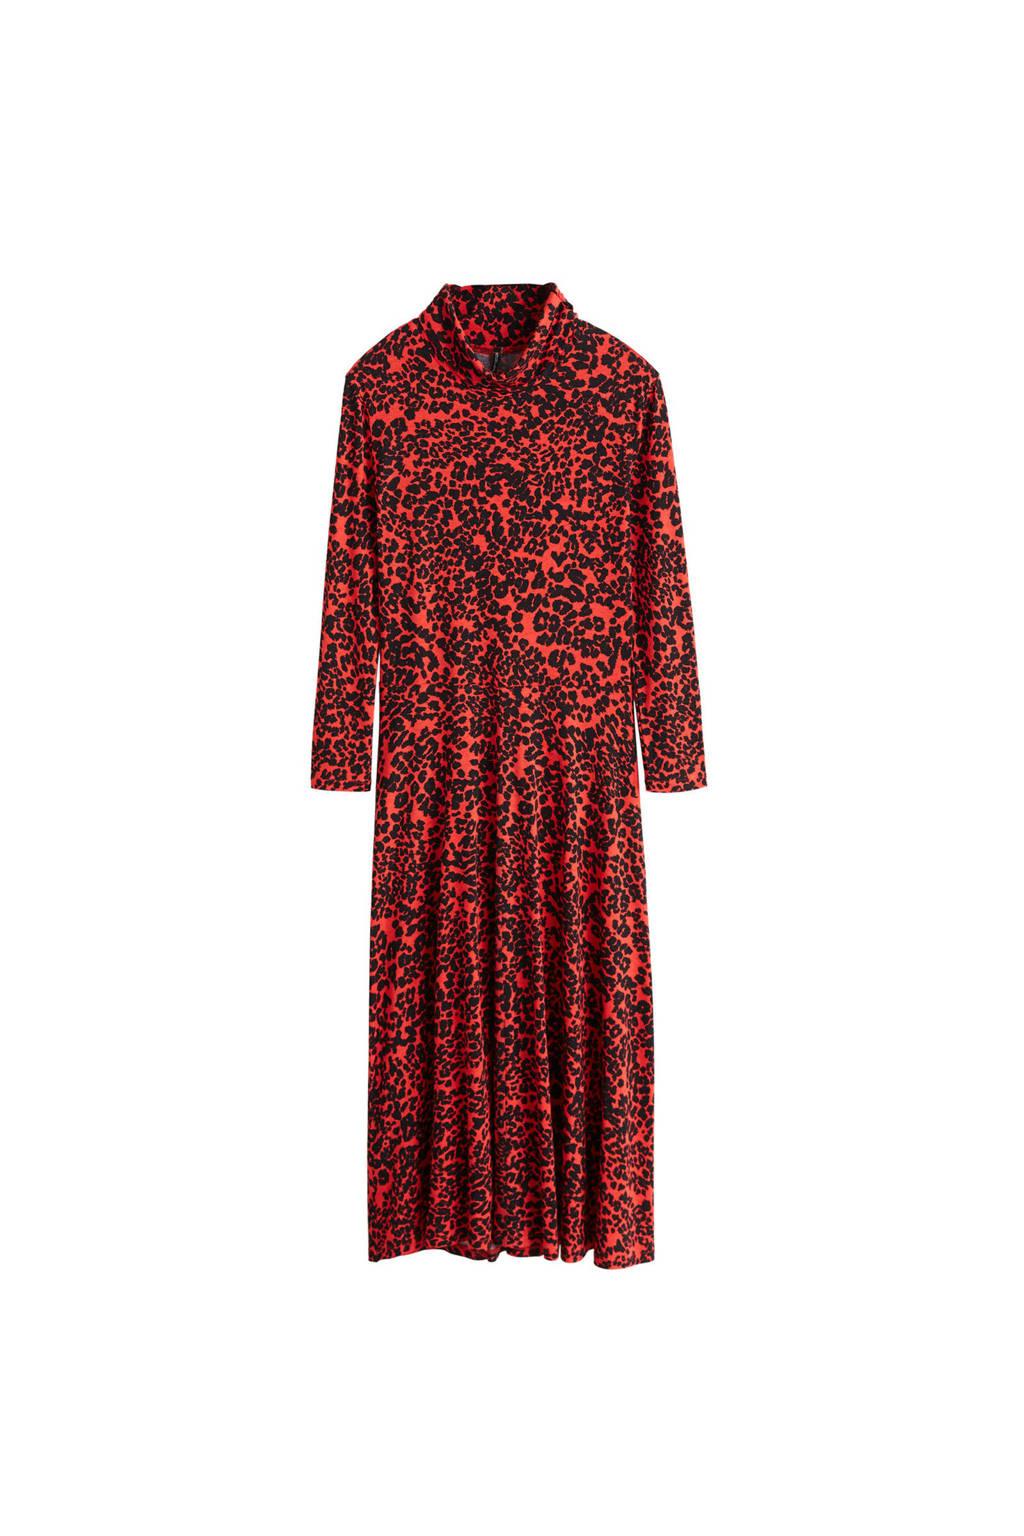 Mango jurk met panterprint rood, Rood